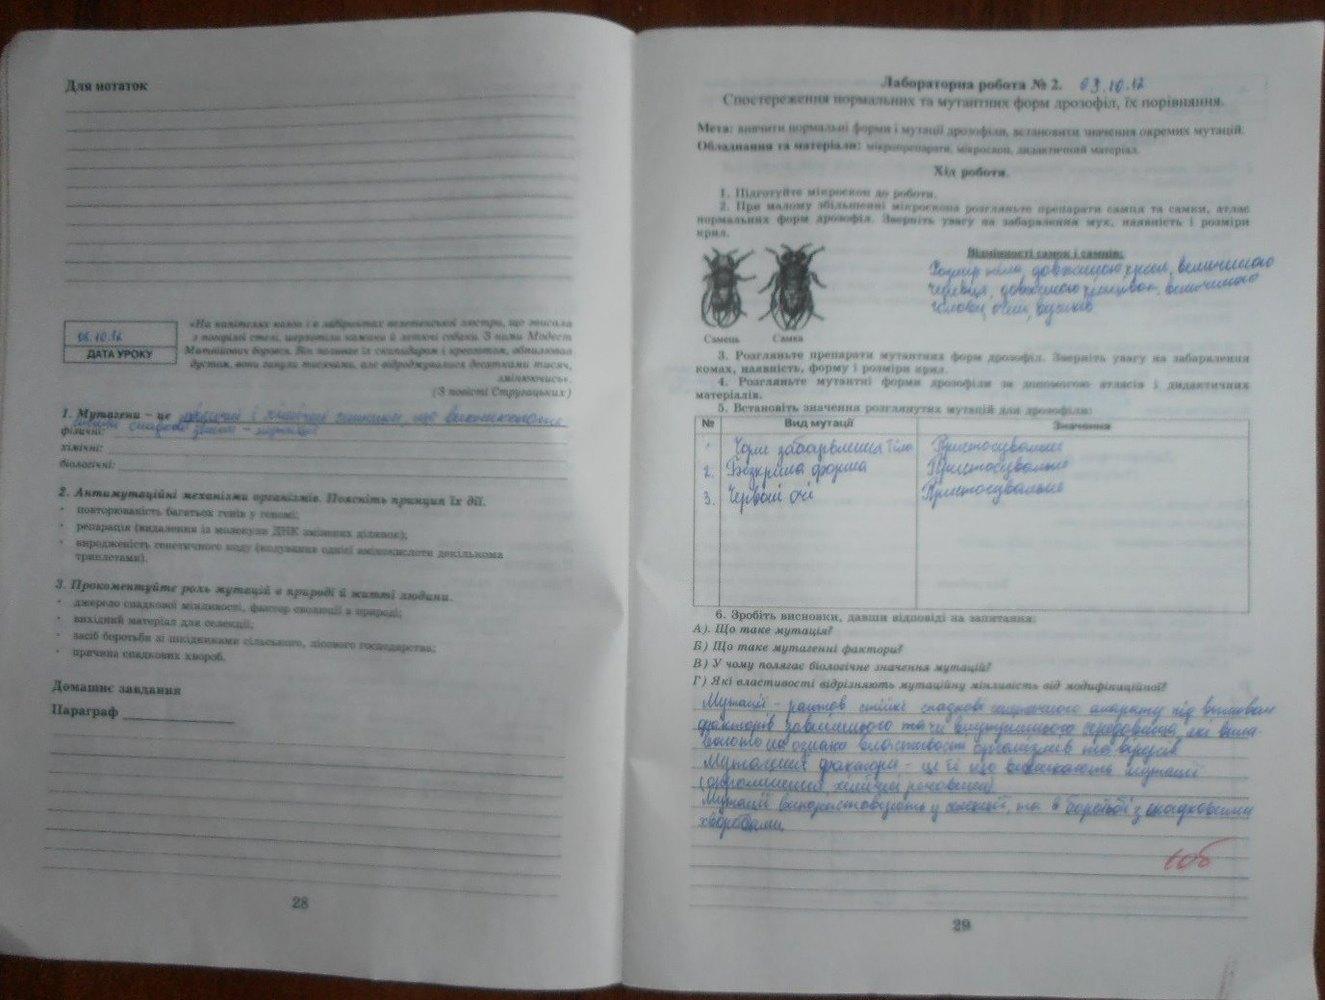 ГДЗ відповіді робочий зошит по биологии 11 класс Є. Яковлева. Задание: стр. 28-29